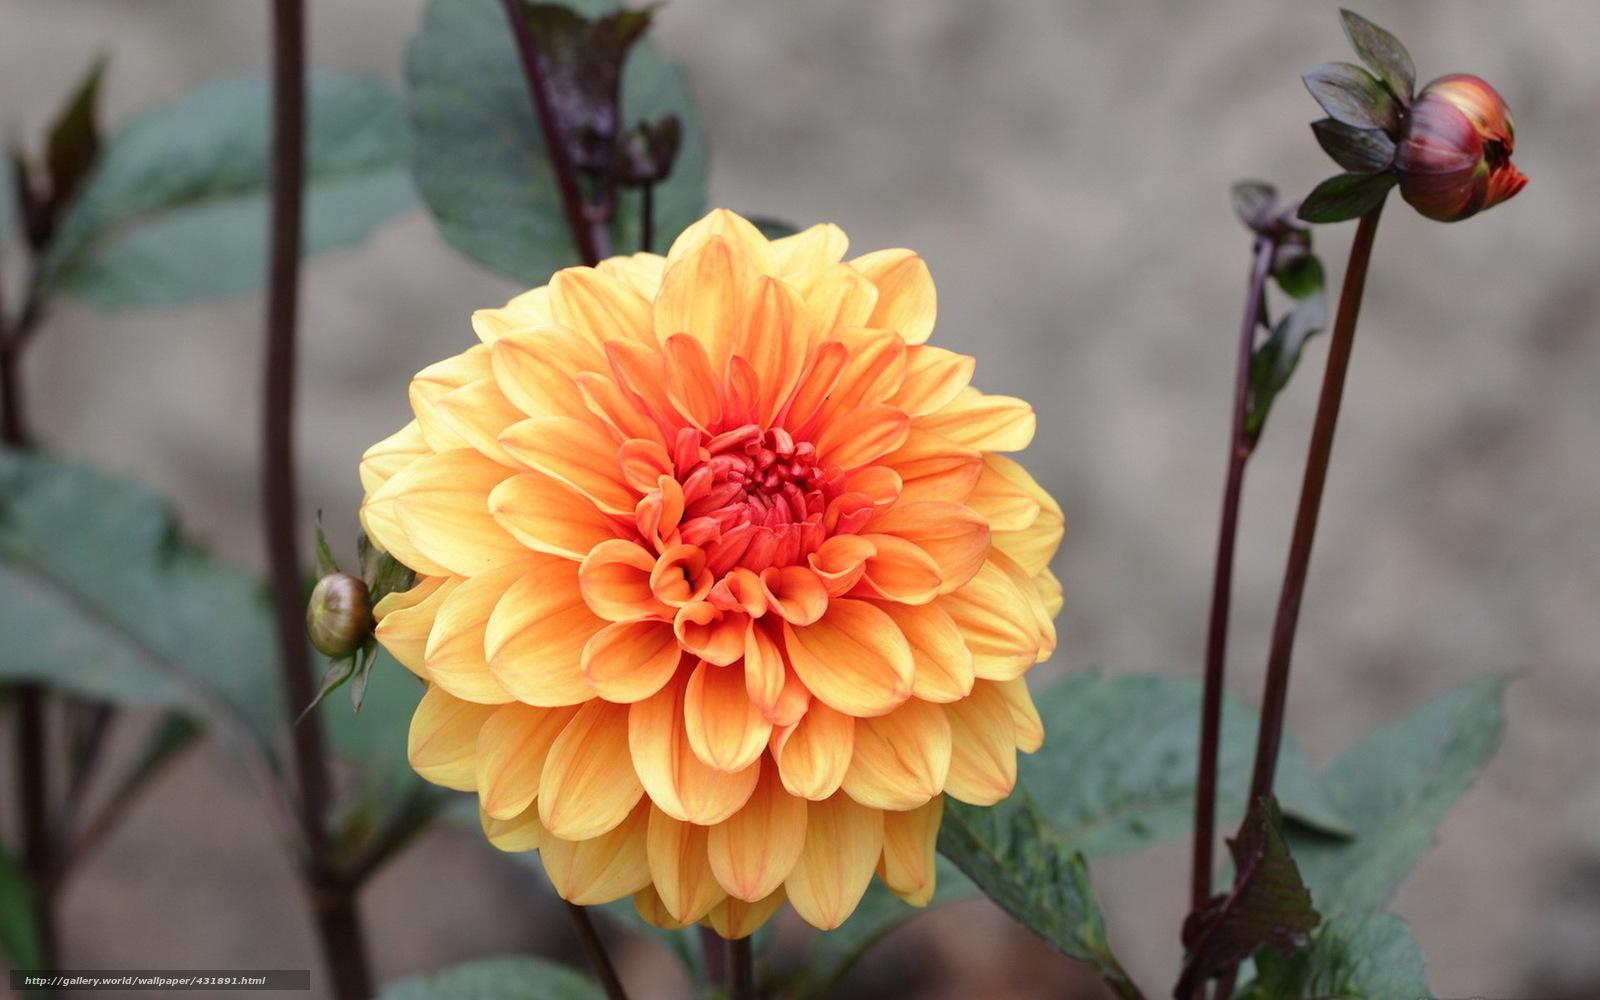 Скачать обои цветок,  георгин,  желто-розовый,  бутоны бесплатно для рабочего стола в разрешении 1680x1050 — картинка №431891